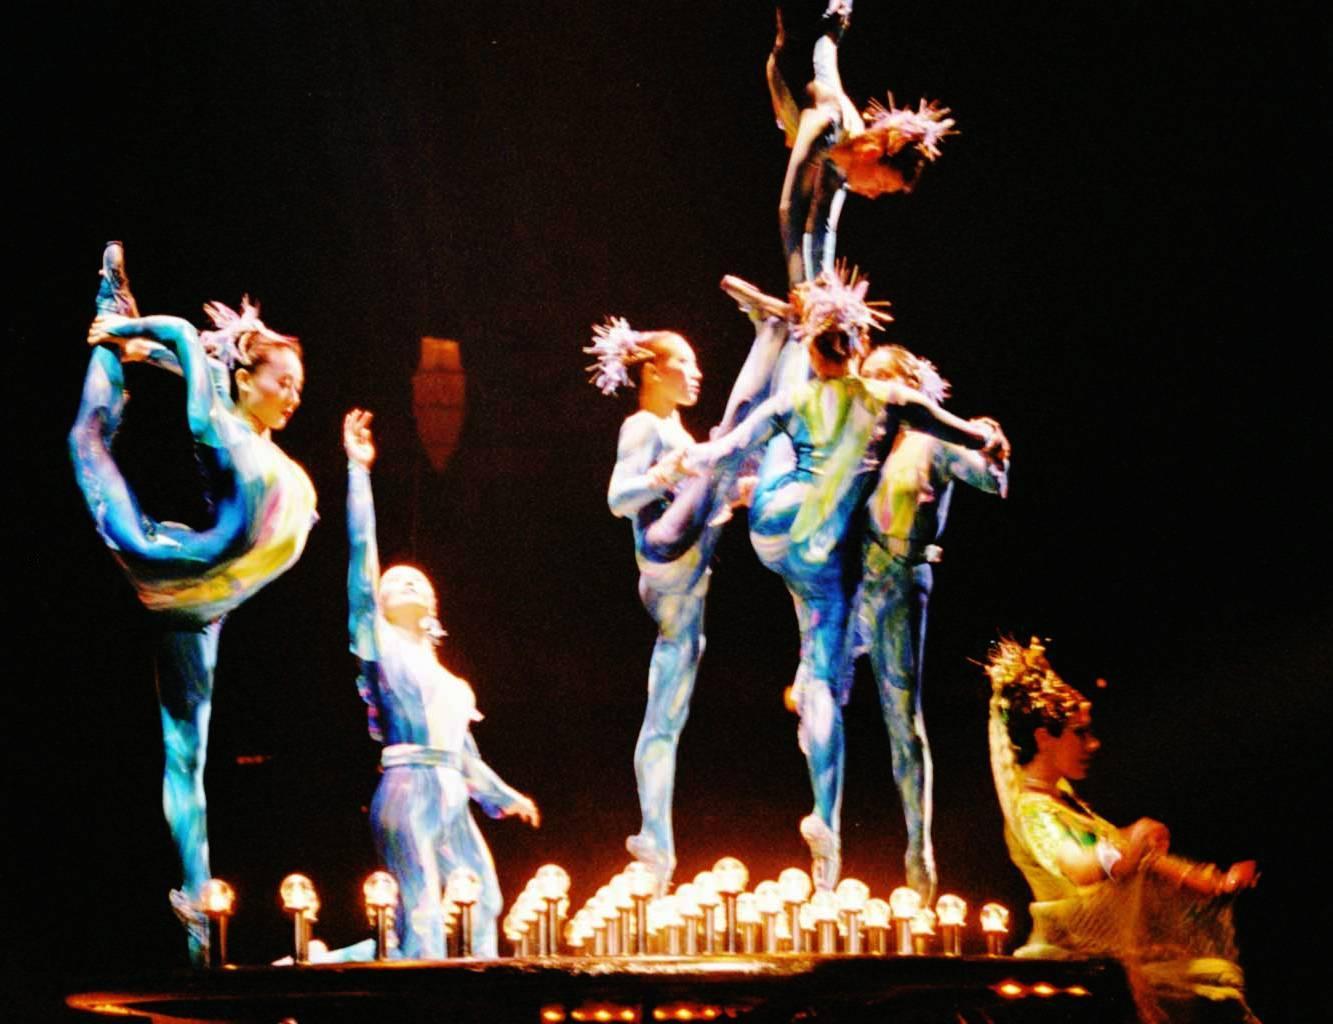 Depiction of Cirque du Soleil